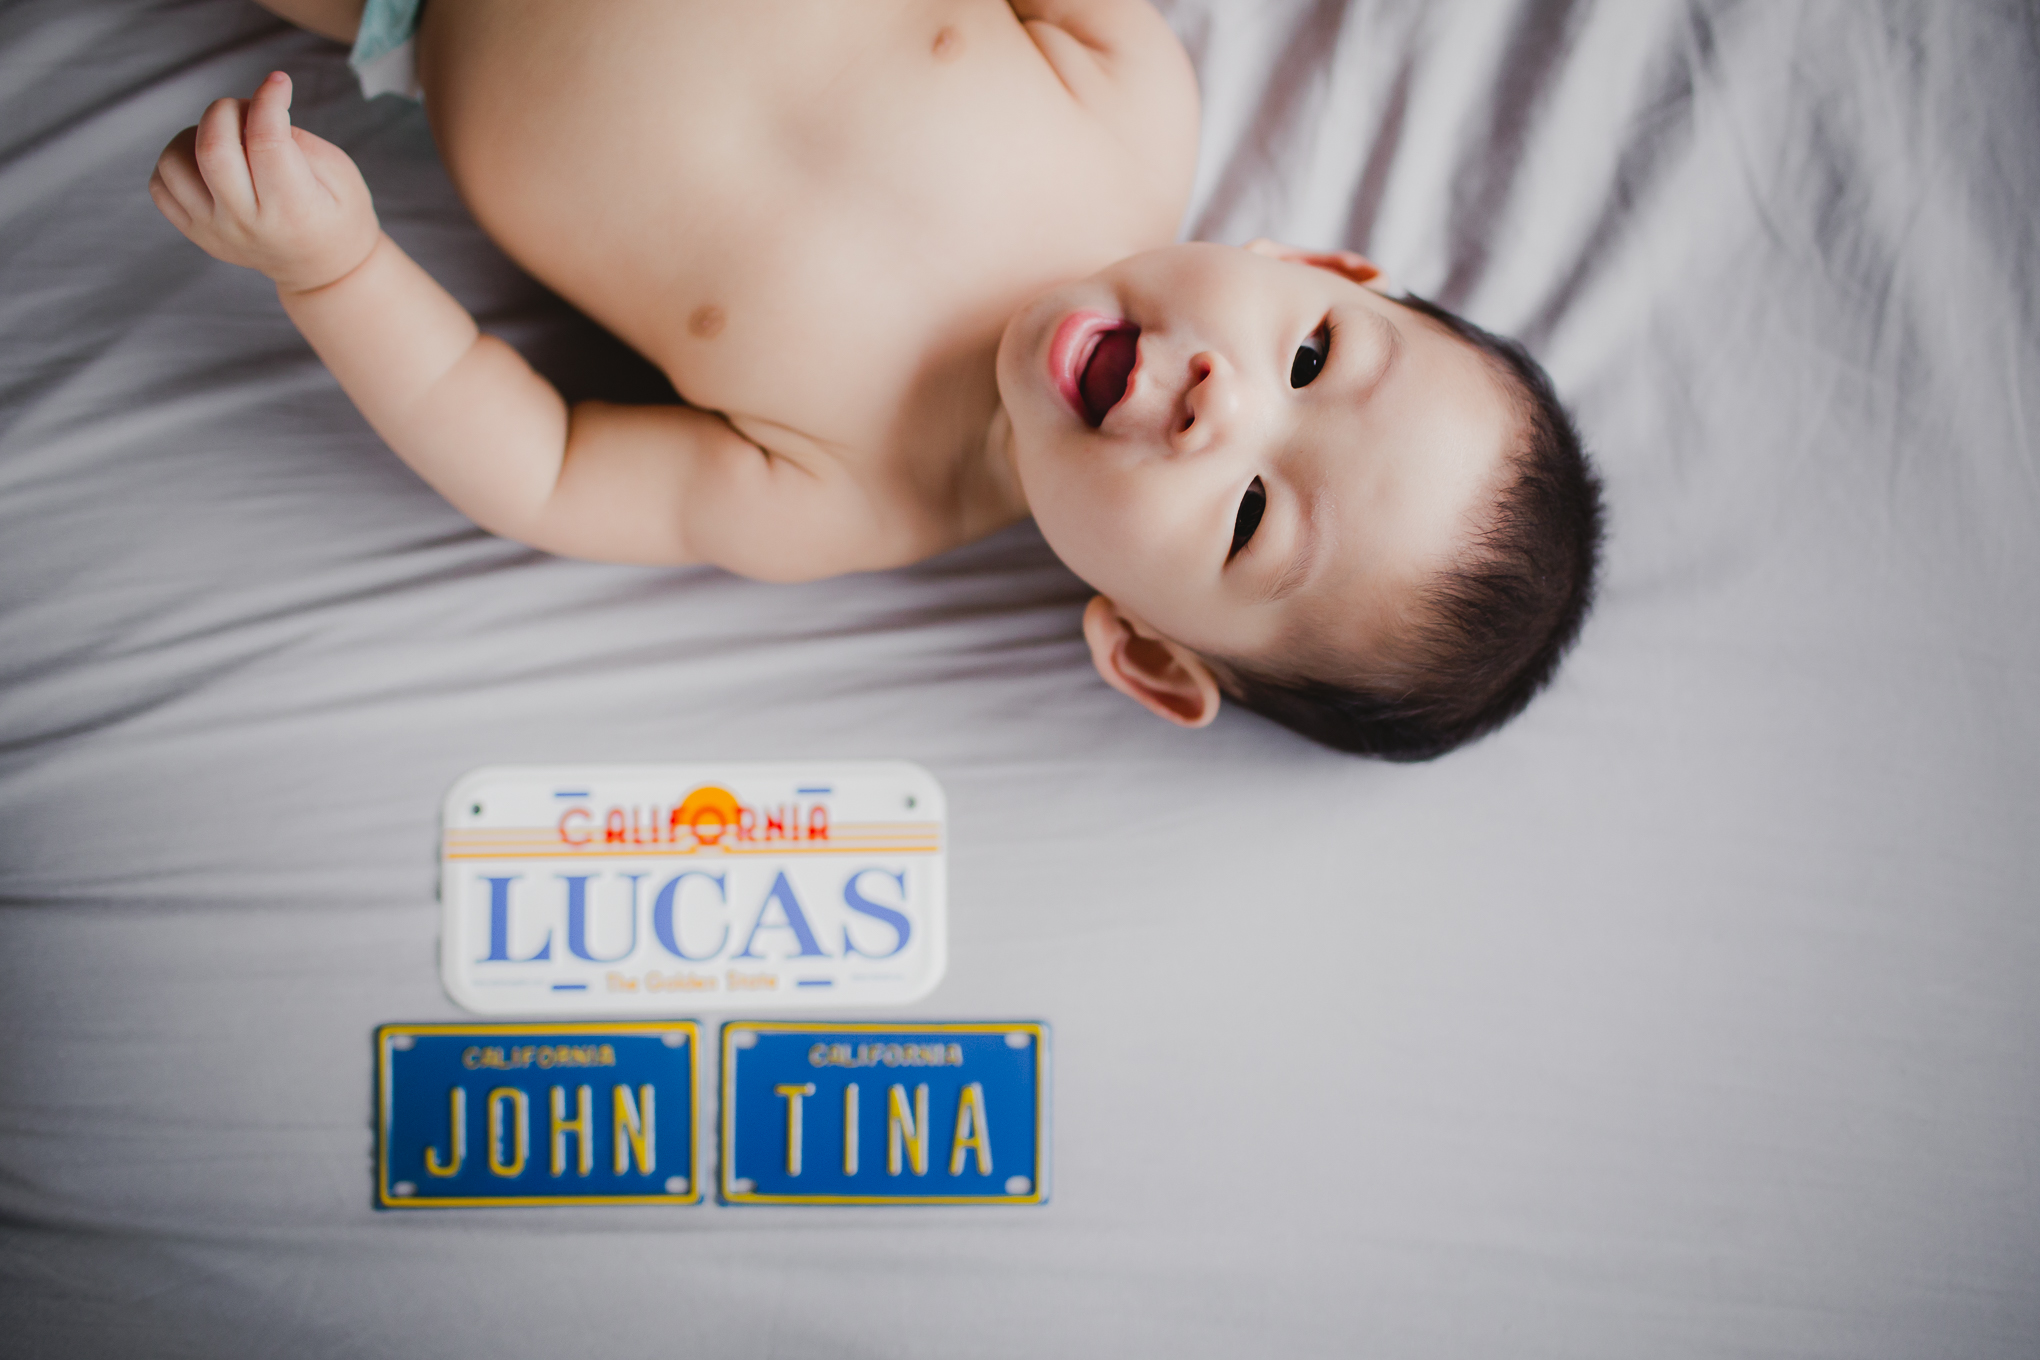 MR-Lucas-113.jpg